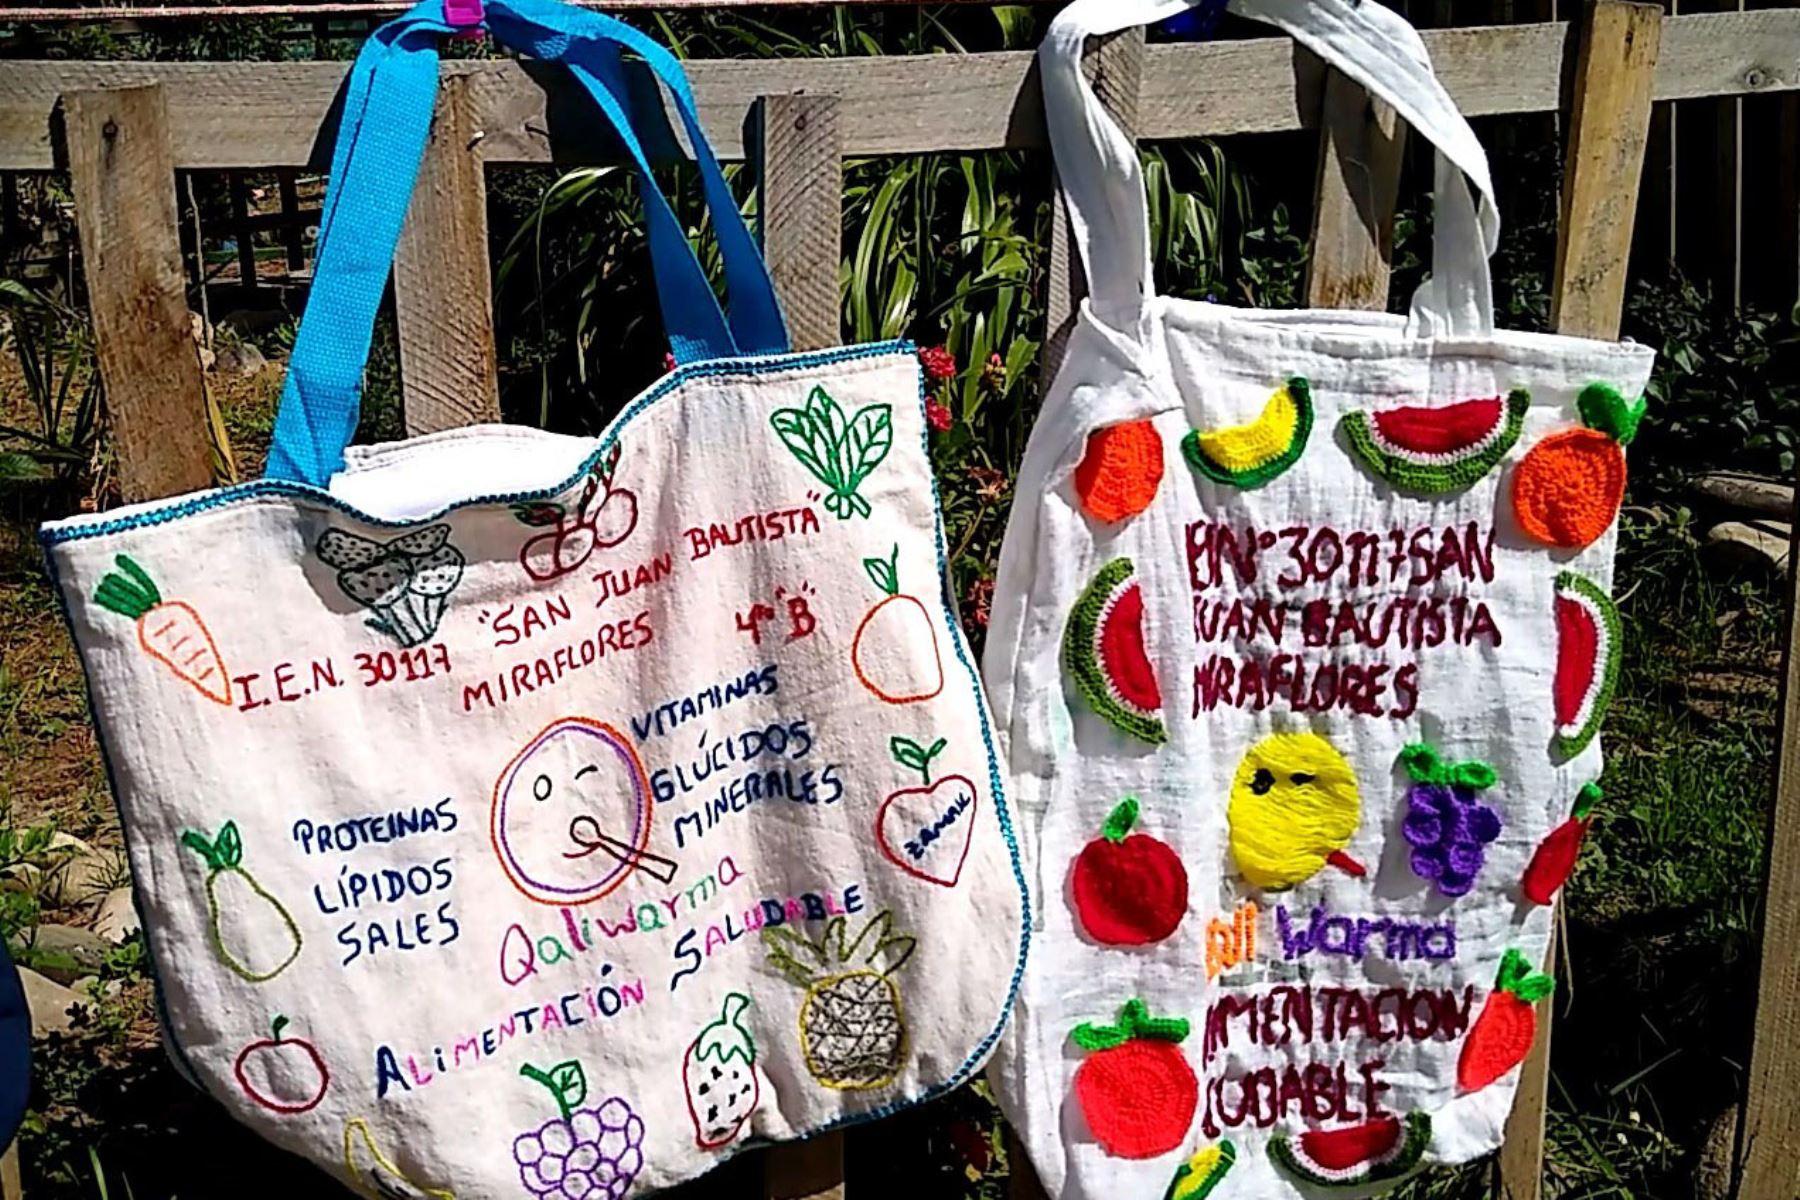 APadres emprendedores de la IE N° 30117 San Juan Bautista de Huancayo elaboran bolsas ecológicas con materiales reciclados. Foto: Cortesía Pedro Tinoco